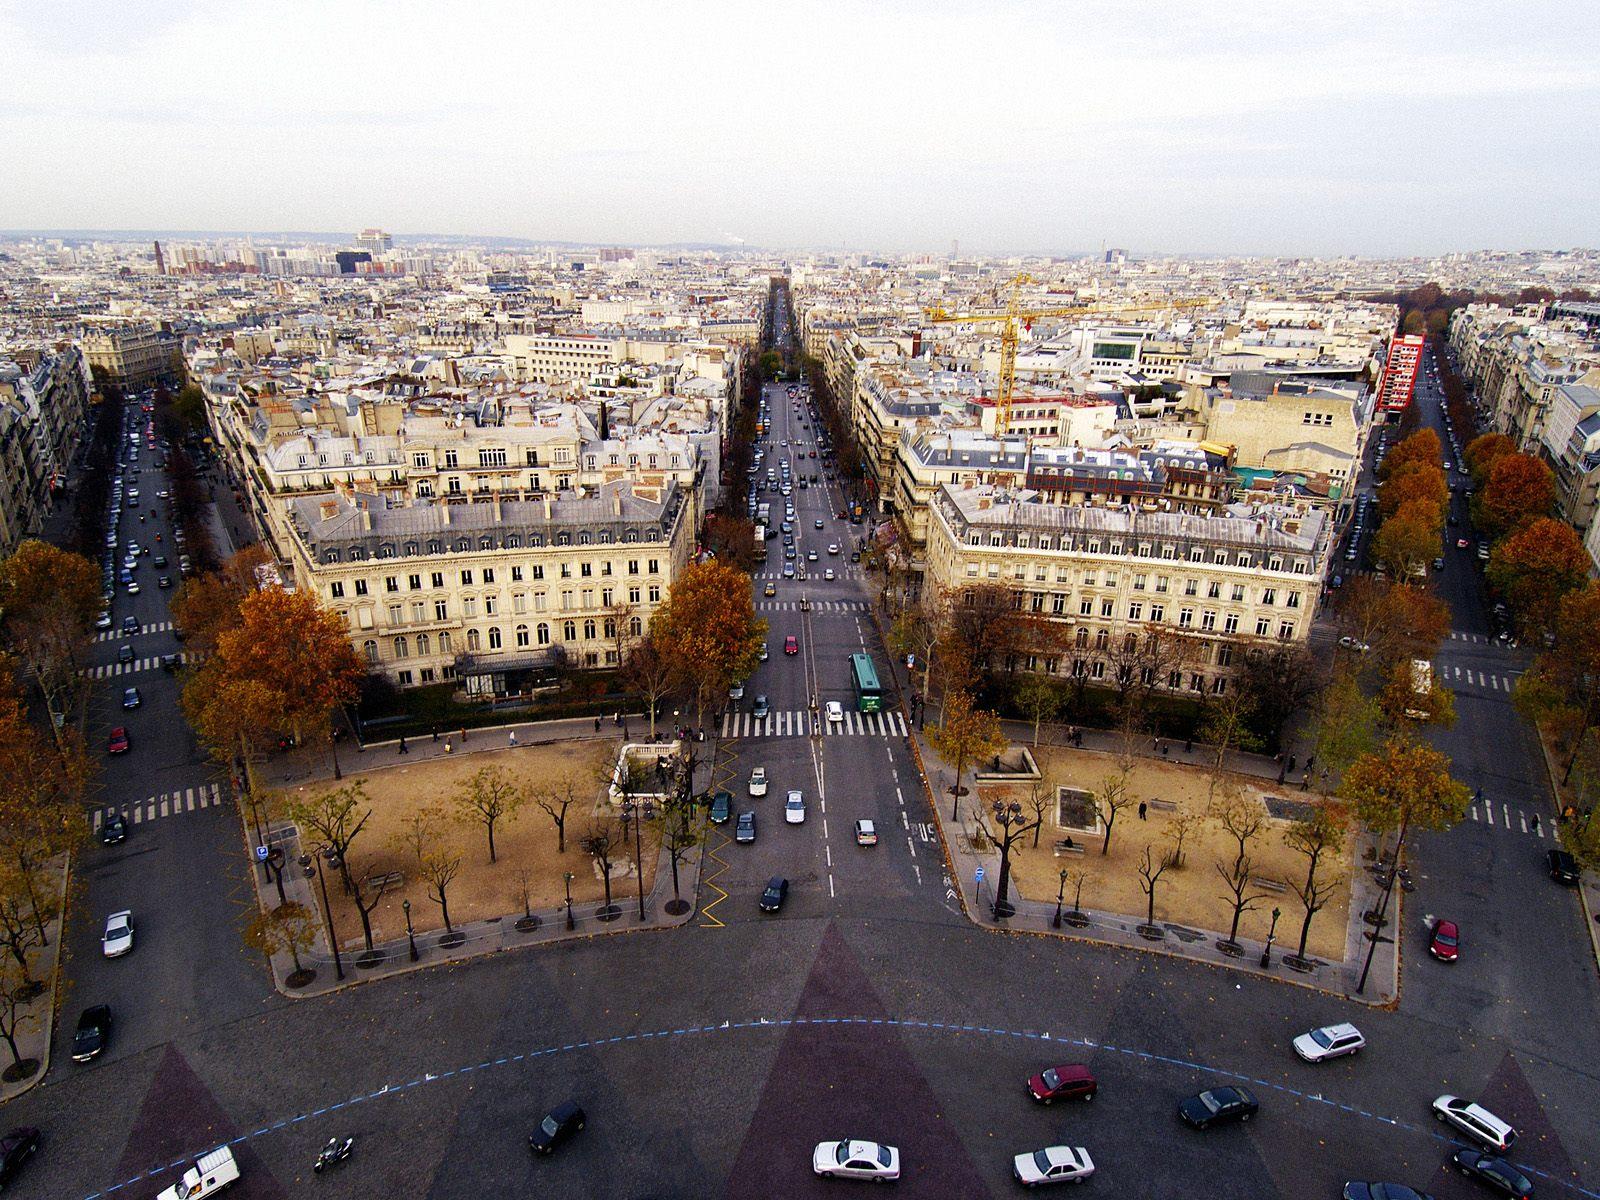 http://1.bp.blogspot.com/_b-YuSdvMmaQ/Swl0udx8lpI/AAAAAAAADmI/FZwU8itmQcg/s1600/Aerial+View+of+Place+de+l_Etoile,+Paris,+France.jpg